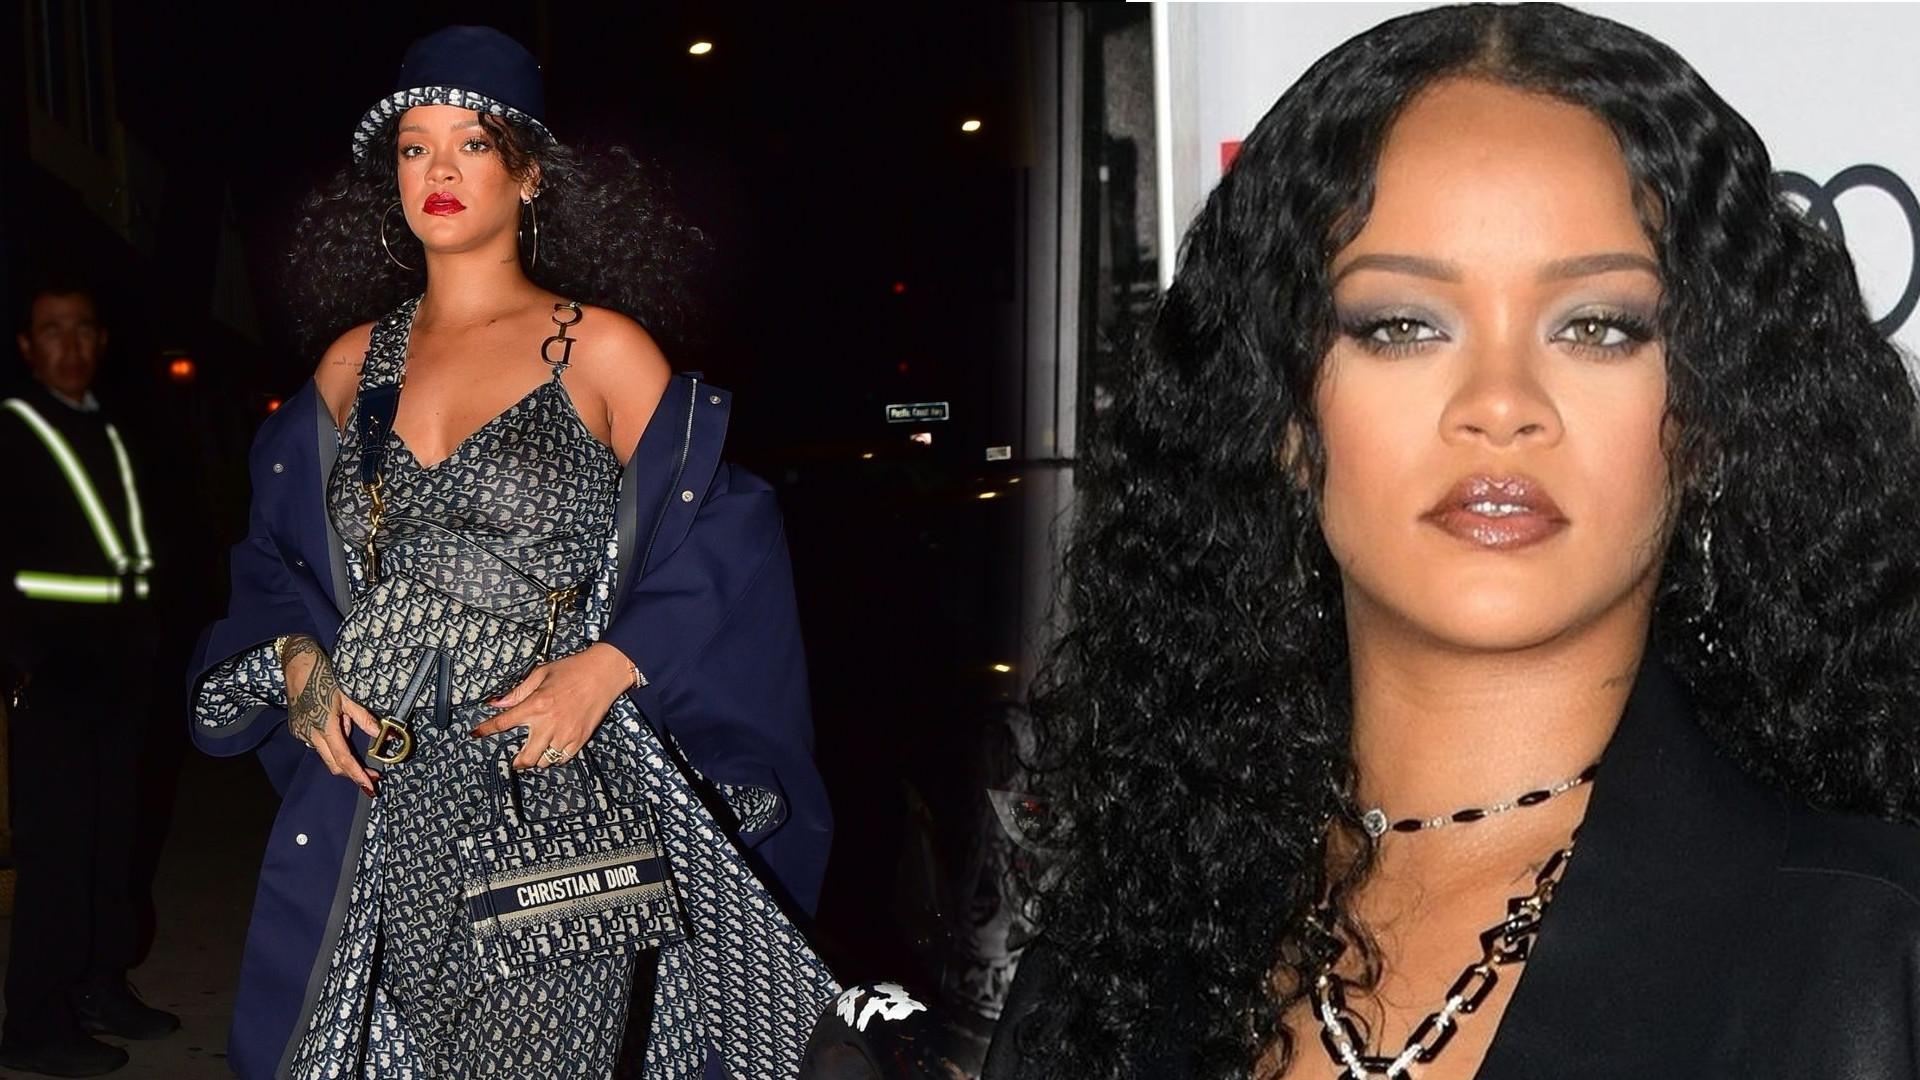 Prawdziwa bizneswoman: Rihanna uciekła na rodzinny Barbados by odpocząć od obowiązków (FOTO)